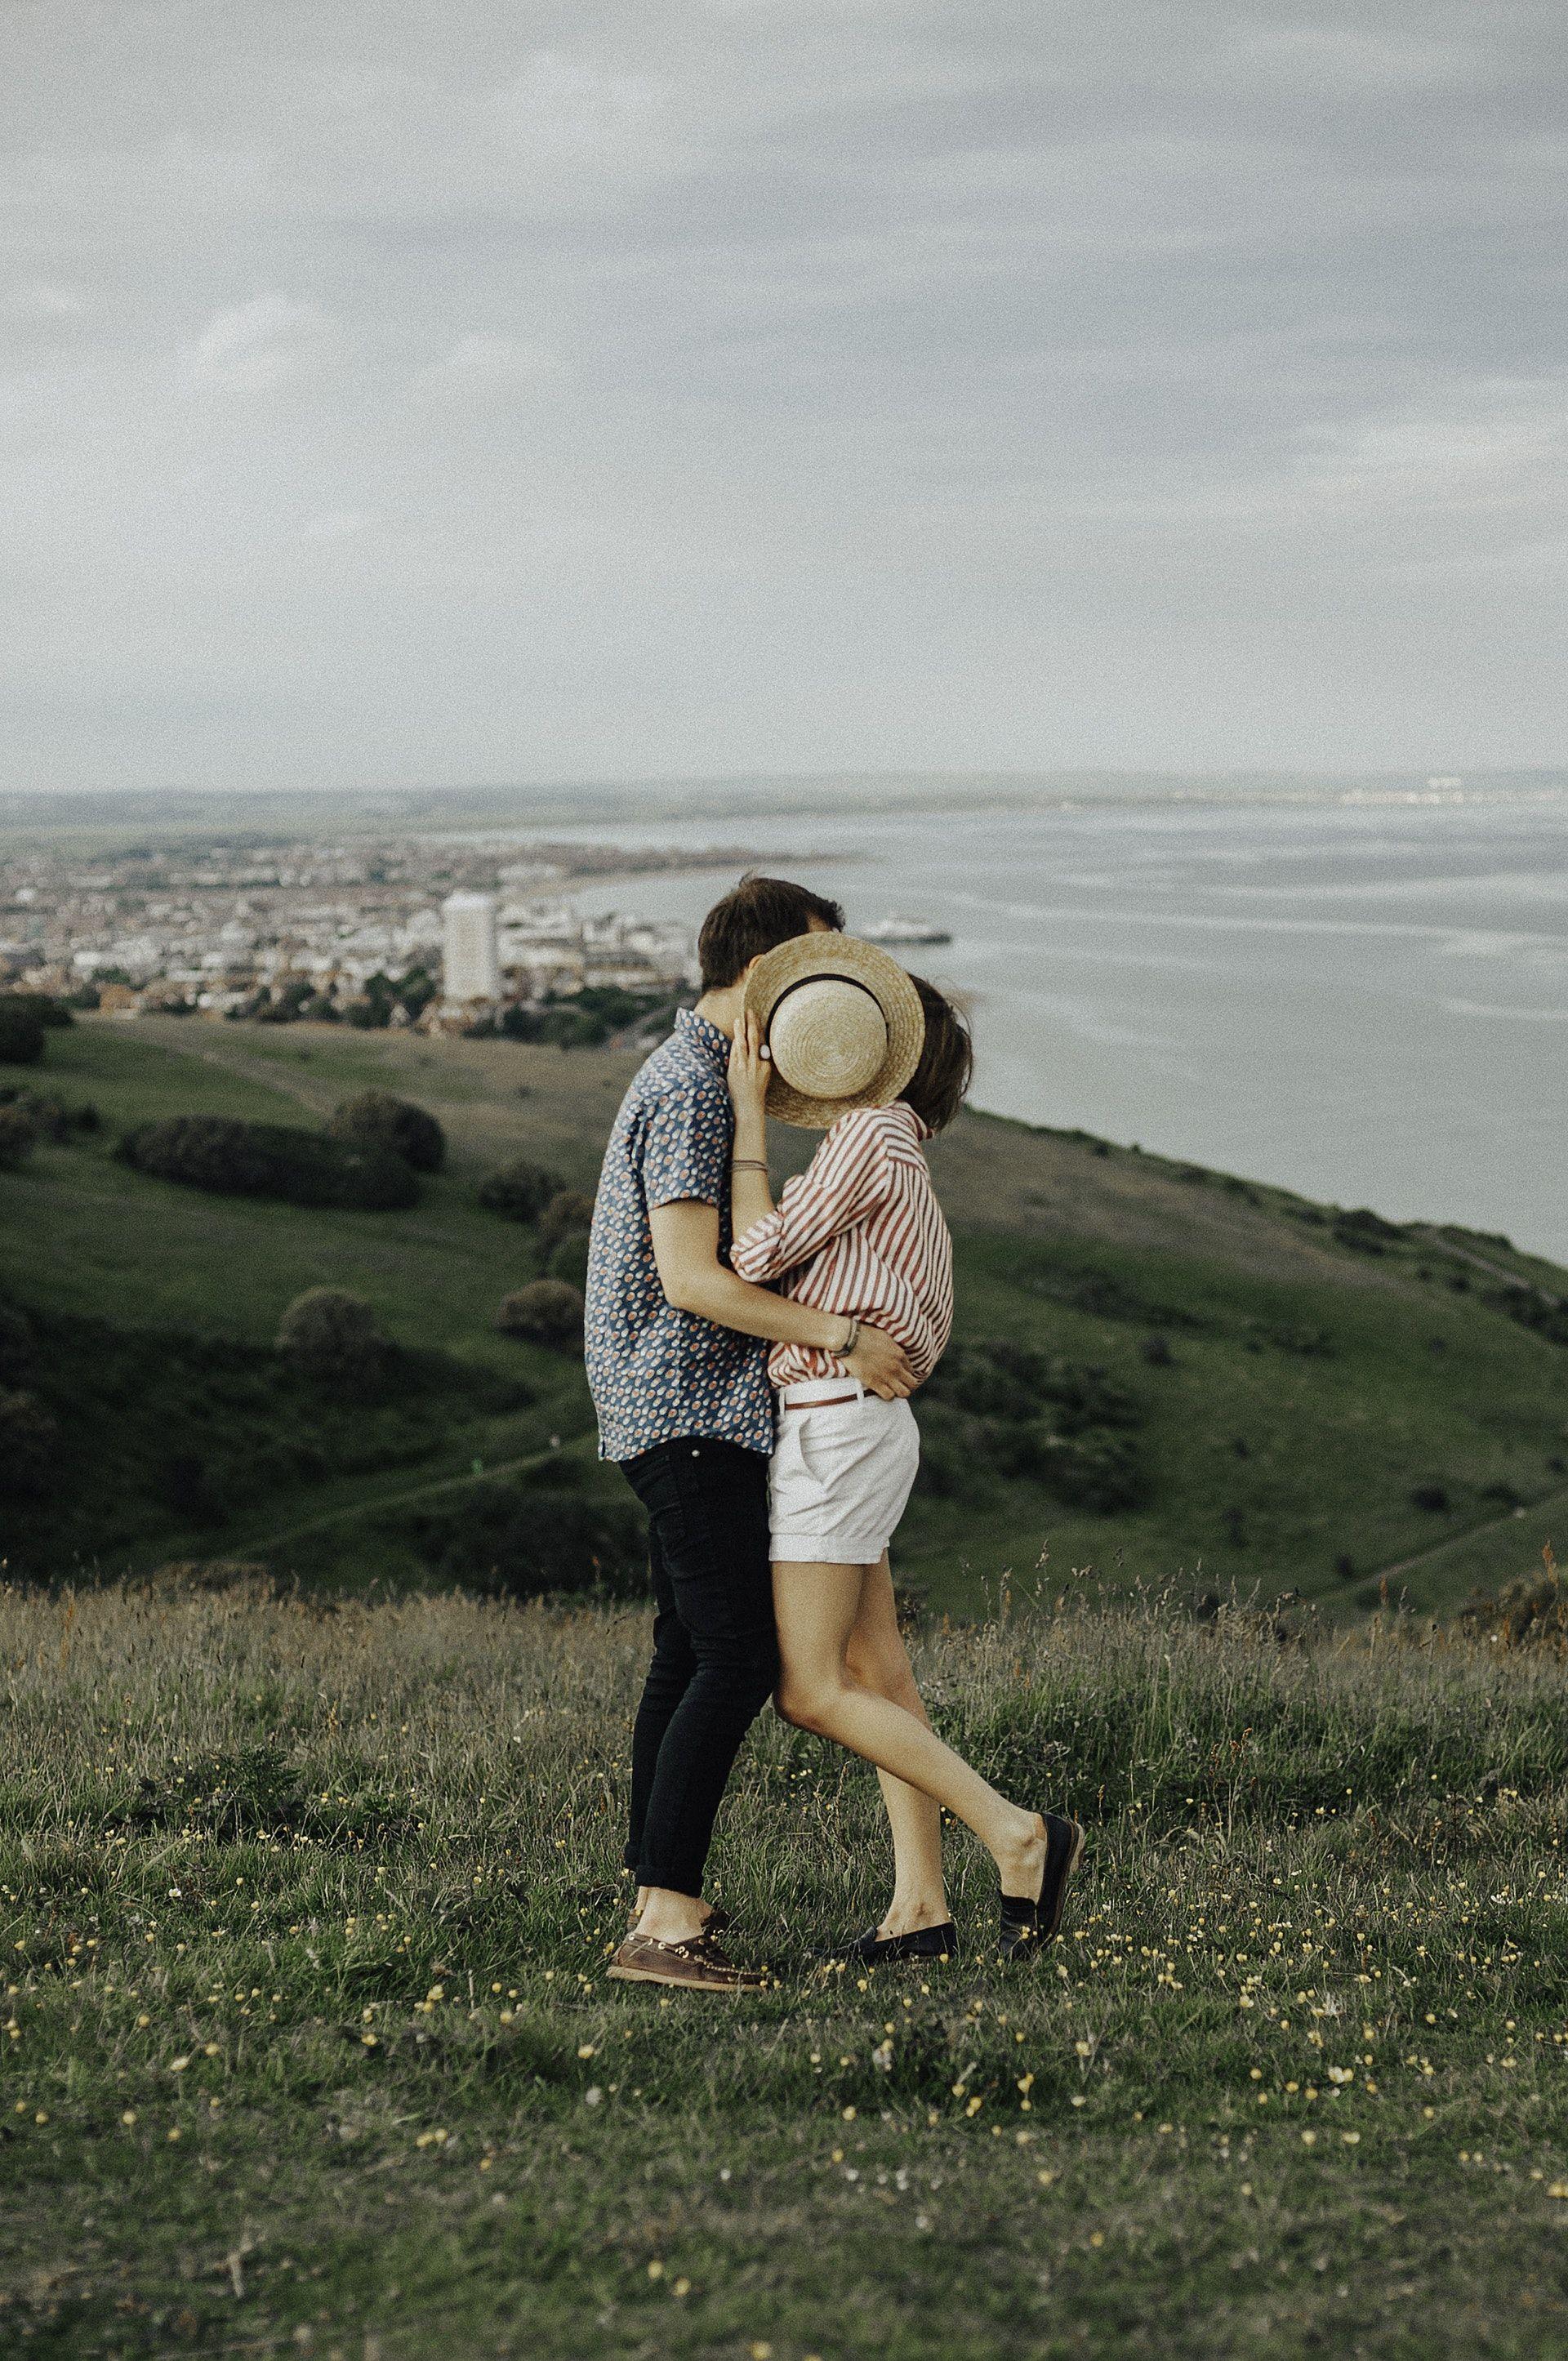 عکس های عاشقانه فانتزی برای تصویر زمینه